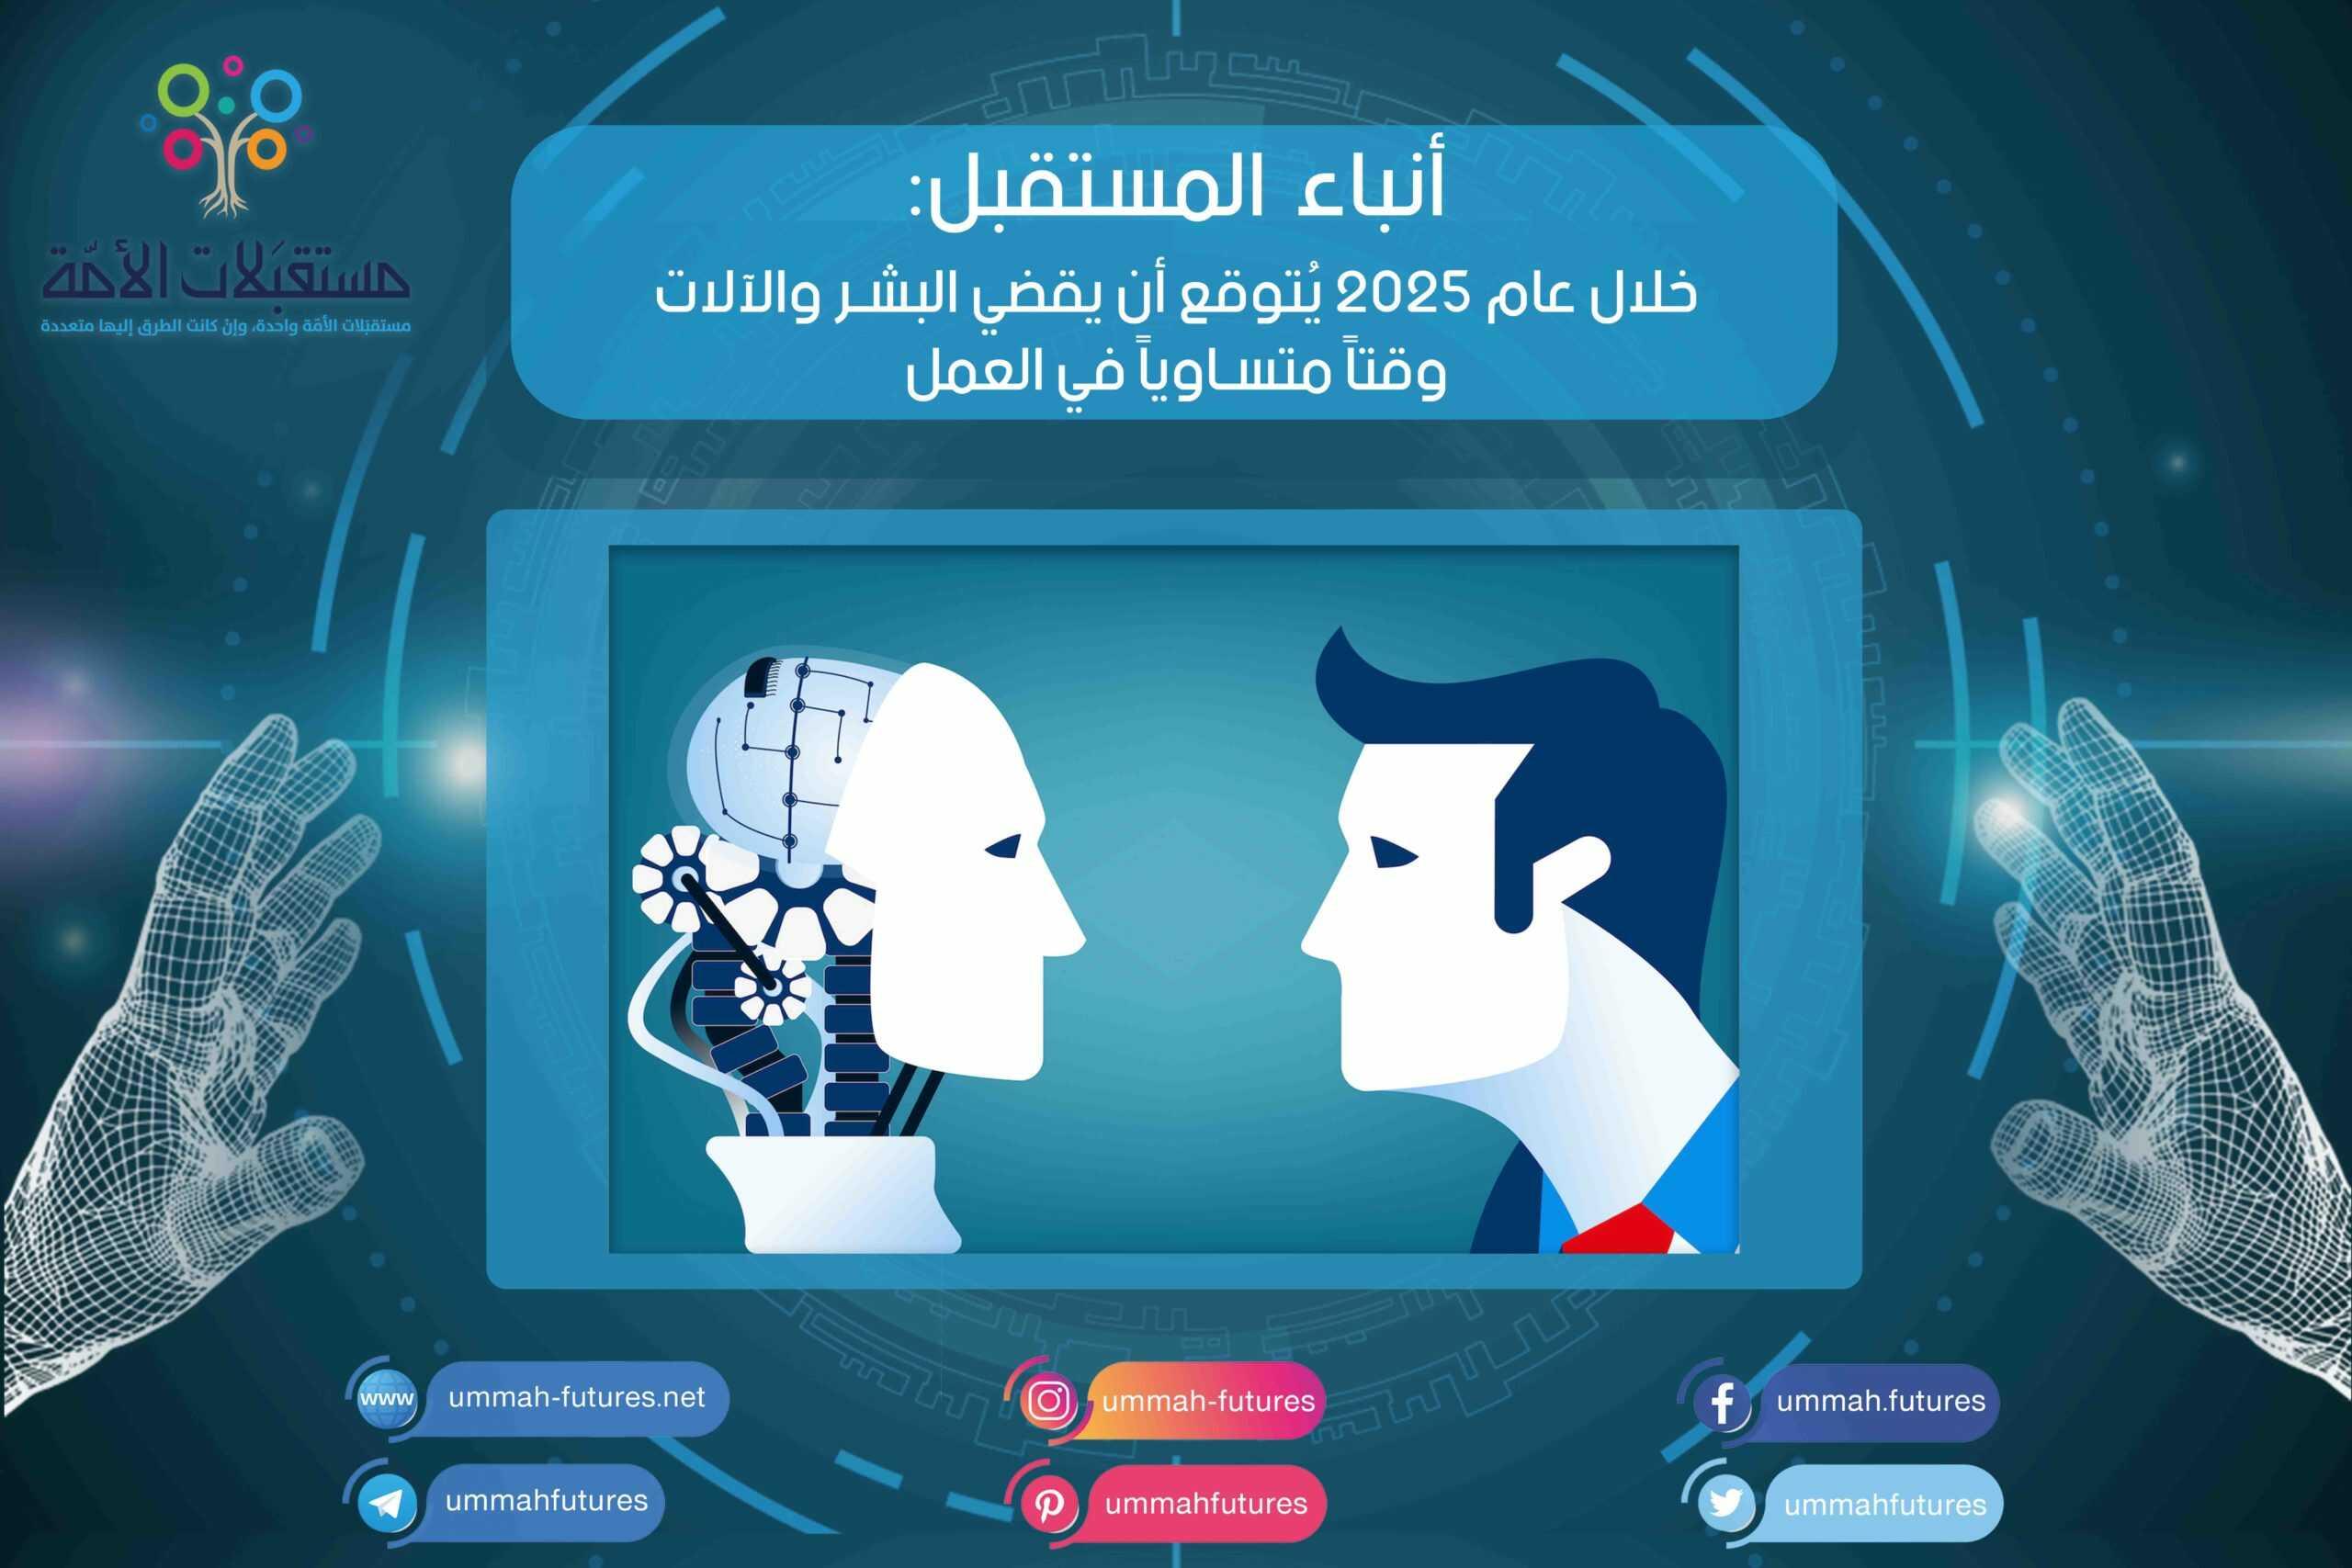 خلال عام 2025 يُتوقع أن يقضي البشر والآلات وقتاً متساوياً في العمل